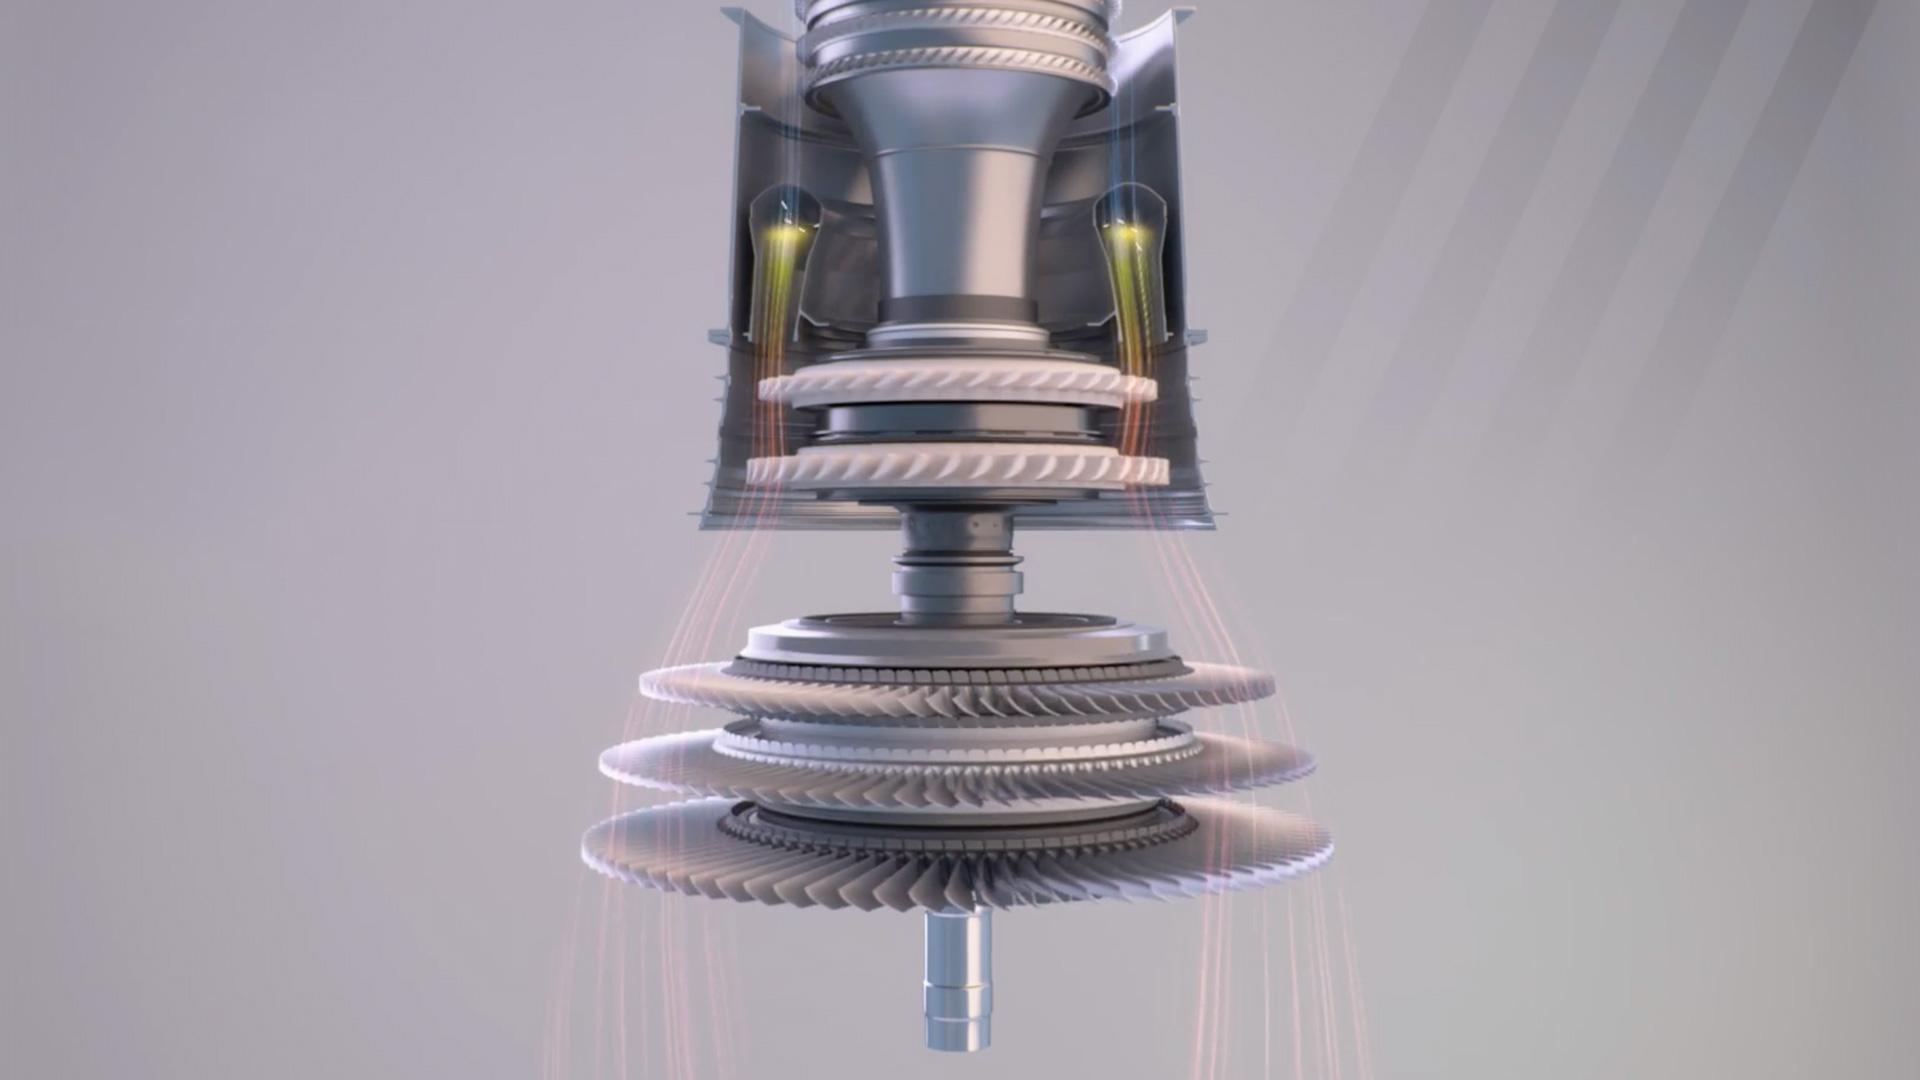 Pratt & Whitney Website - Engine